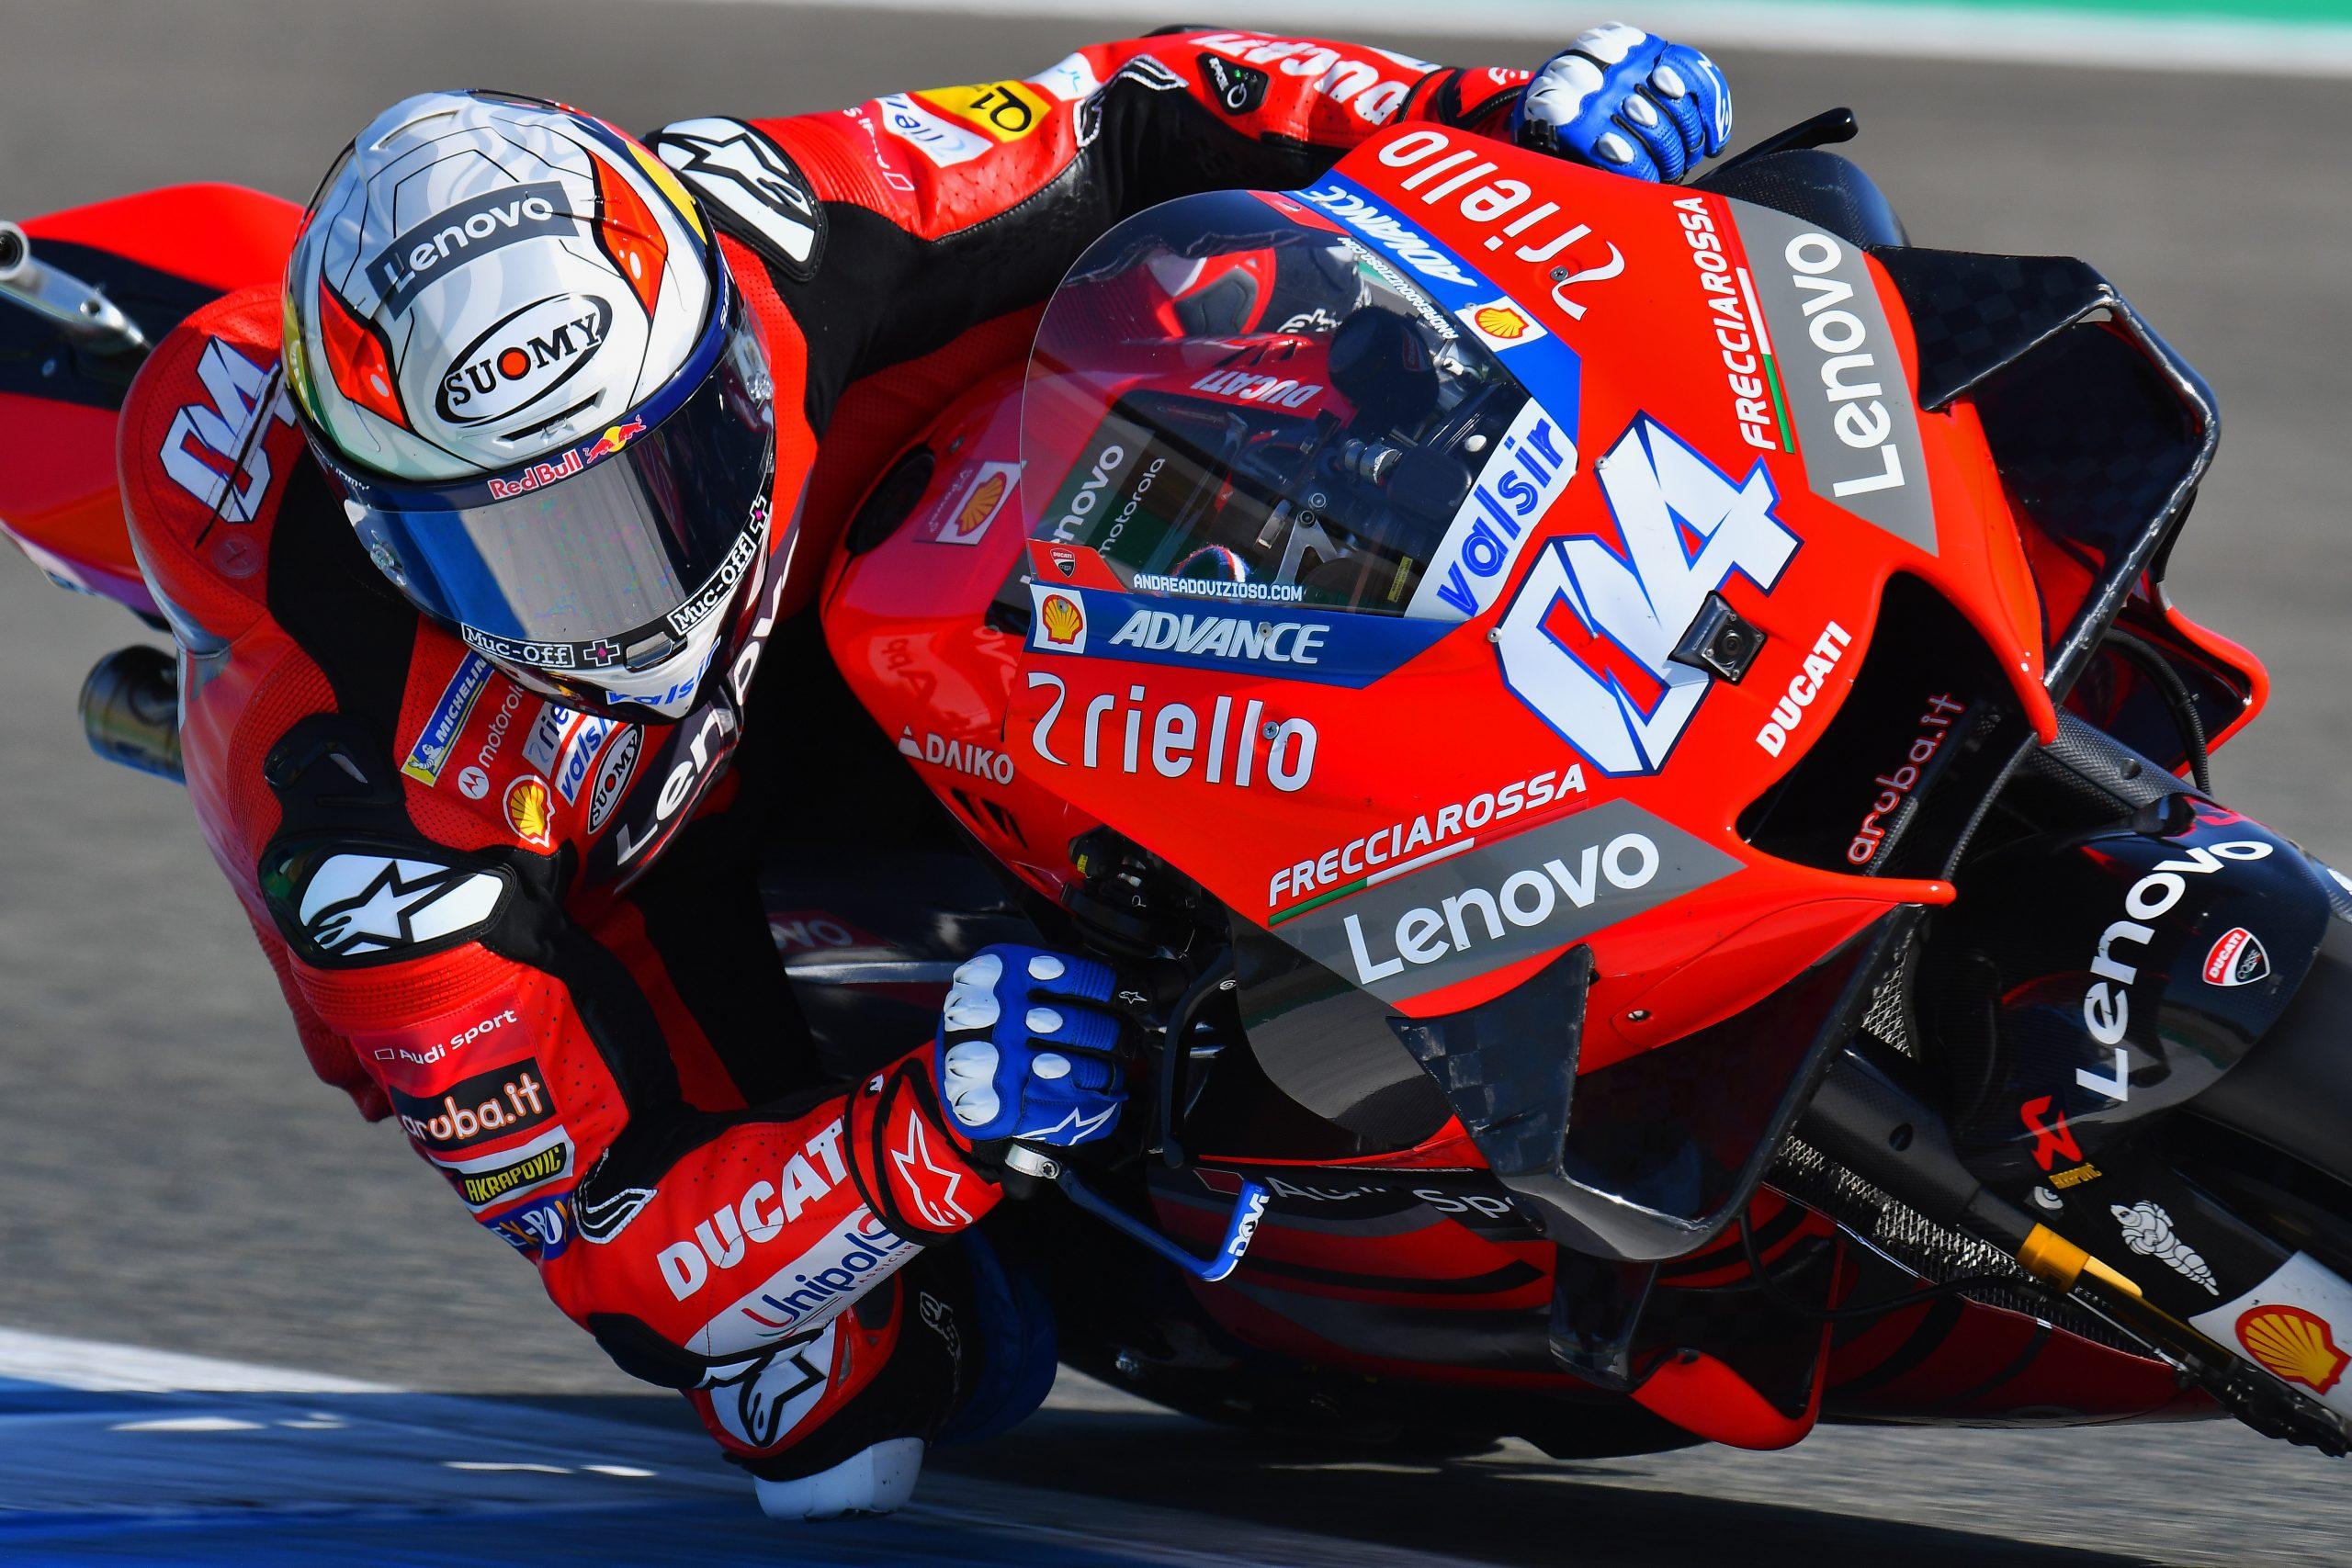 Andrea Dovizioso z logiem Muc-Off na kasku w sezonie 2020 MotoGP